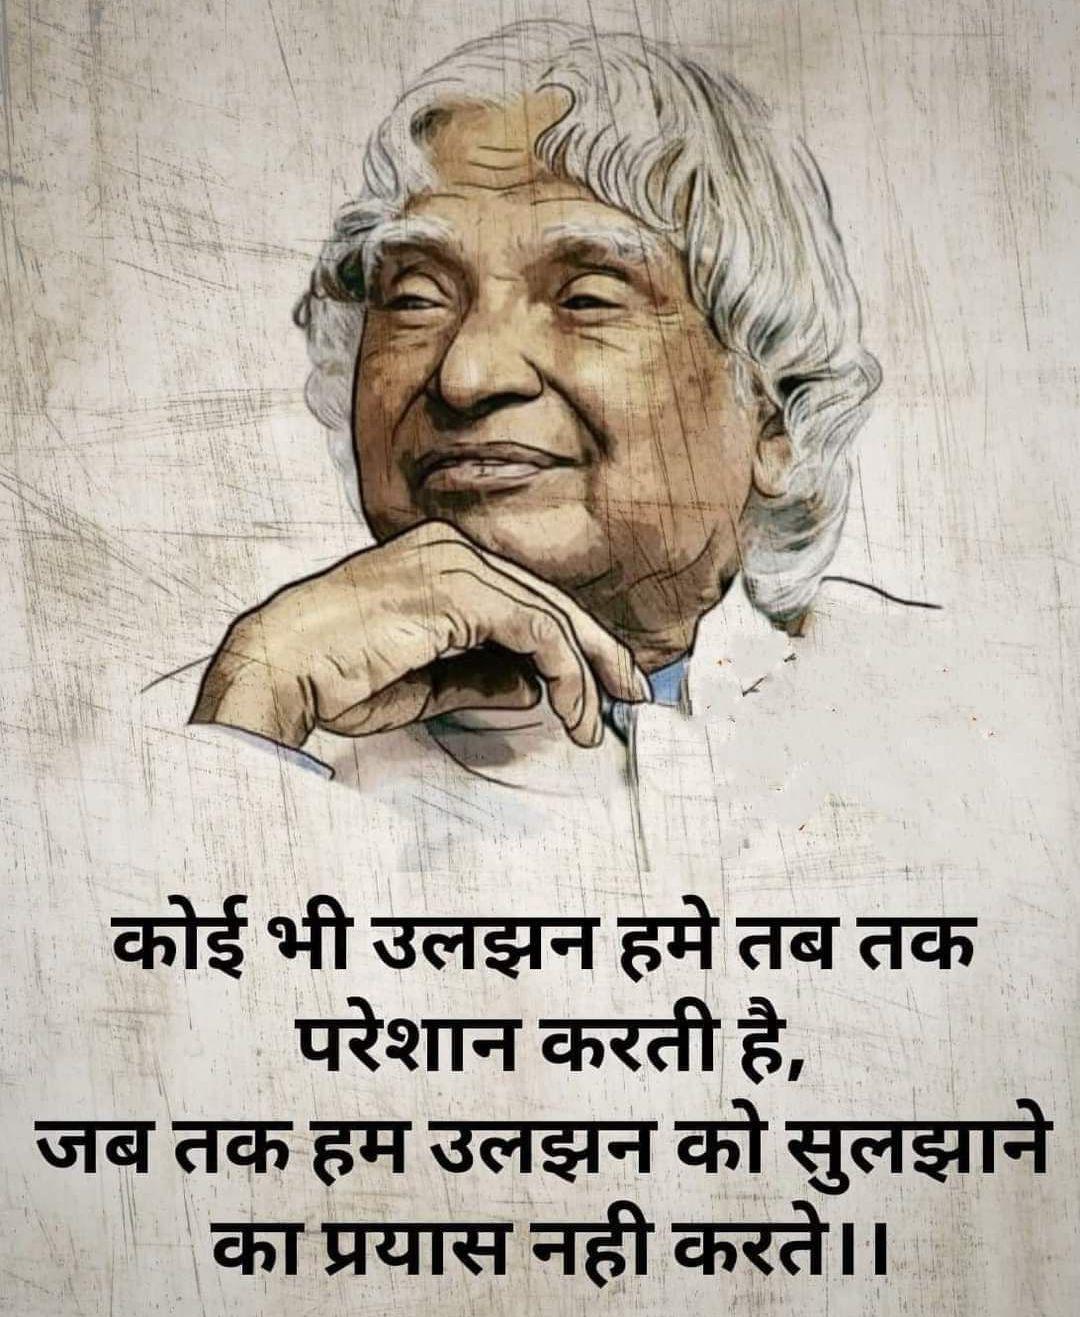 Abdul Kalam Instagram Quotes Status in Hindi